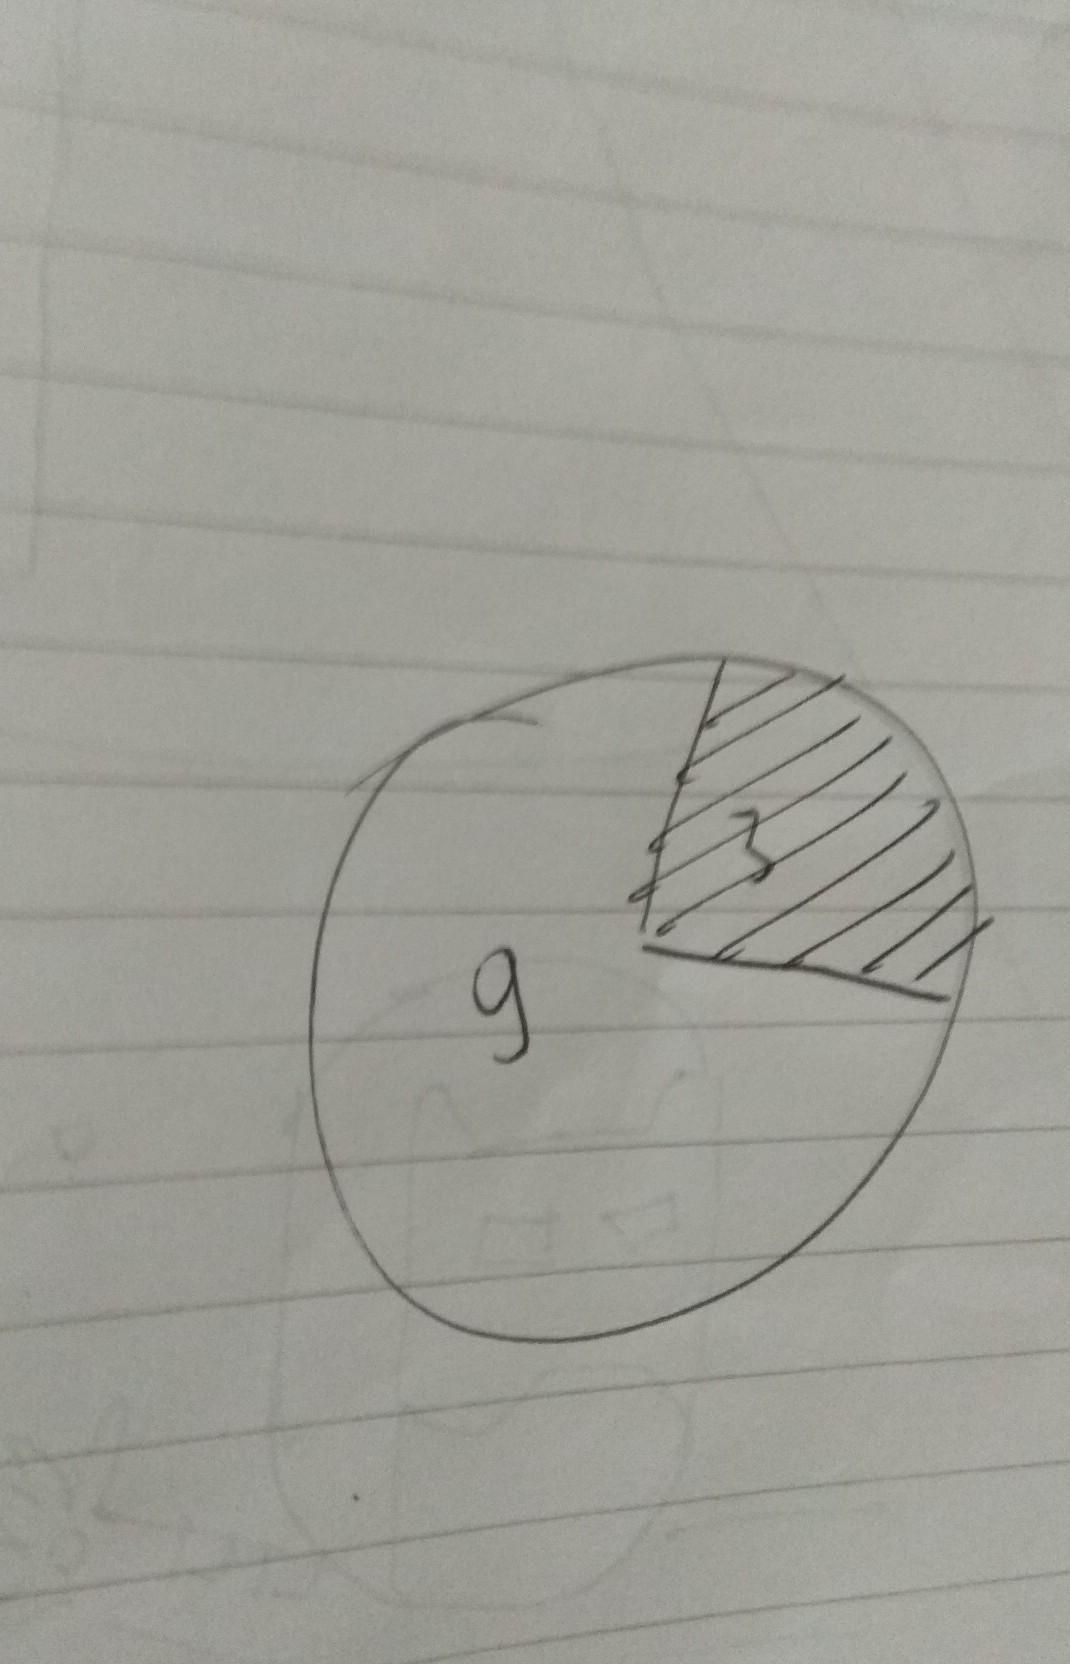 Gambar Pecahan Lingkaran : gambar, pecahan, lingkaran, Gambarlah, Pecahan, Dalam, Bentuk, Lingkaran, Brainly.co.id